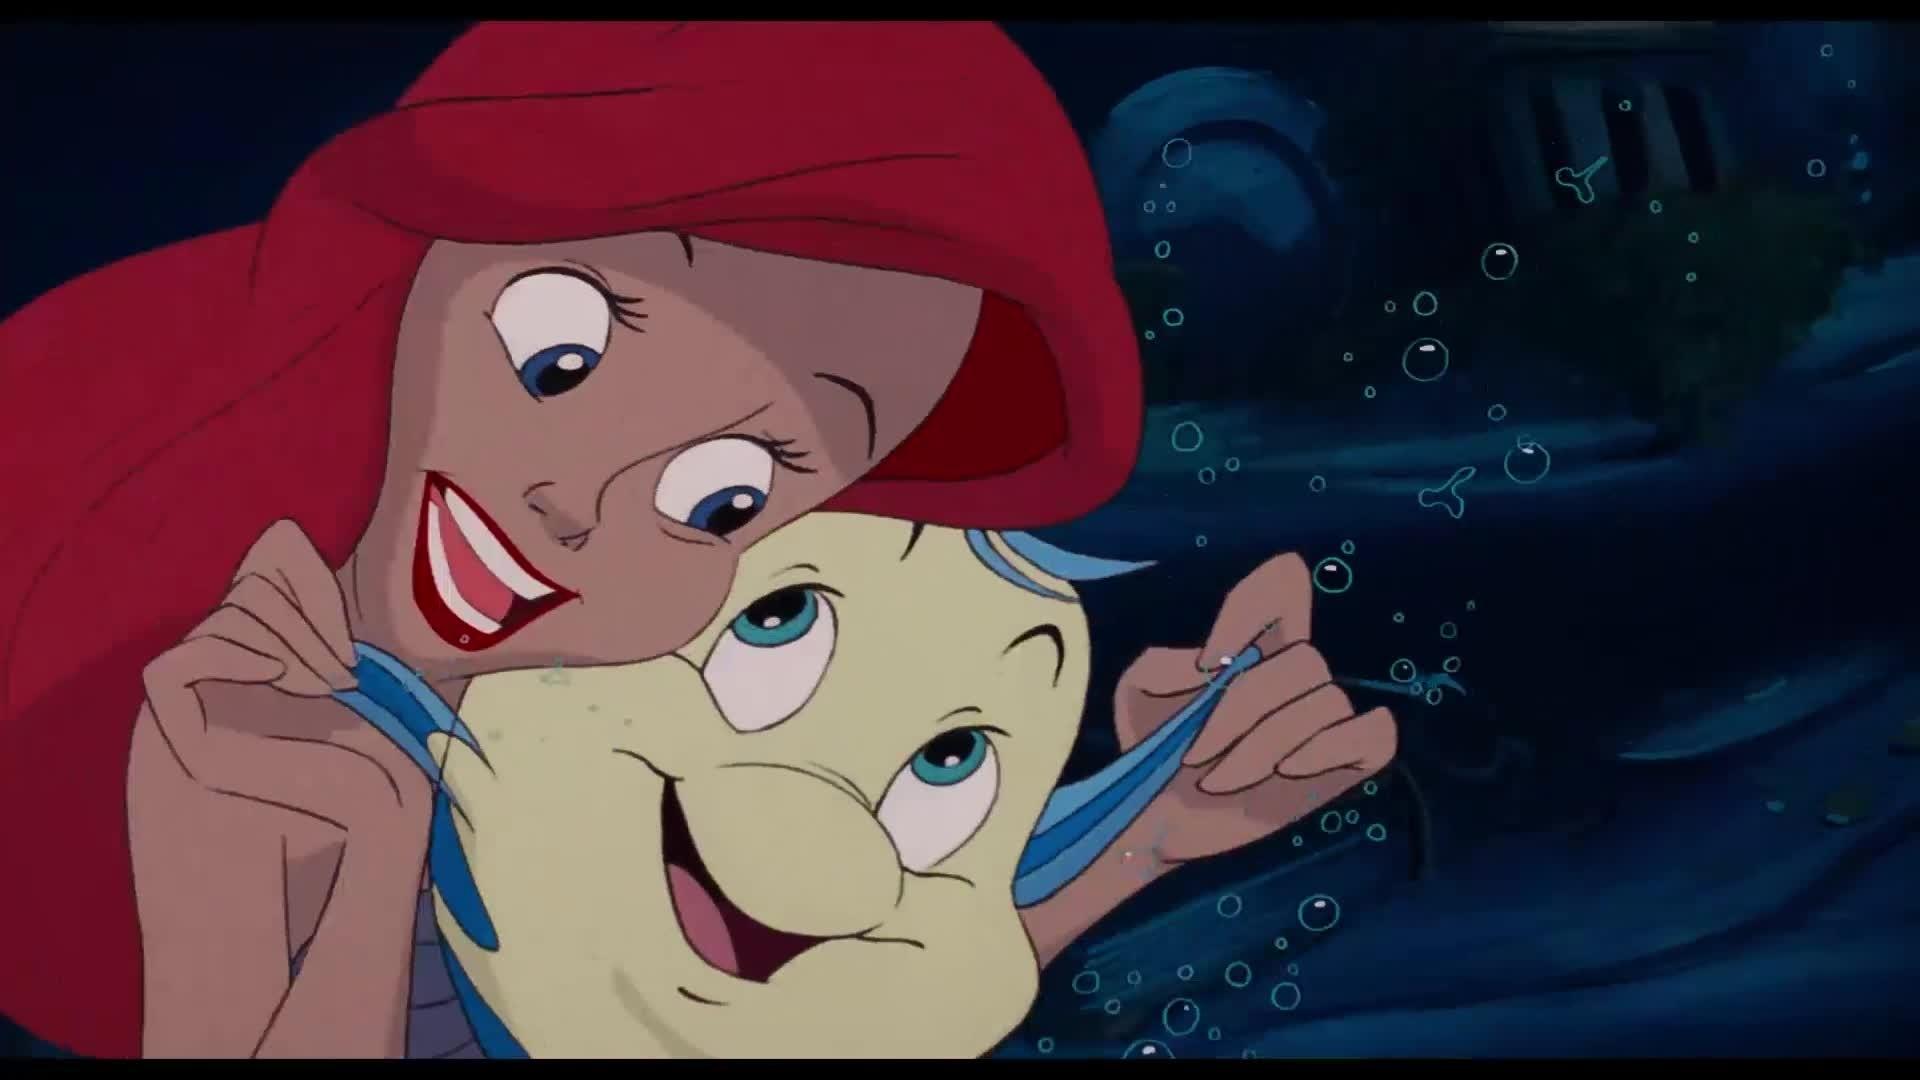 De Kleine Zeemeermin - Dat is mijn wens